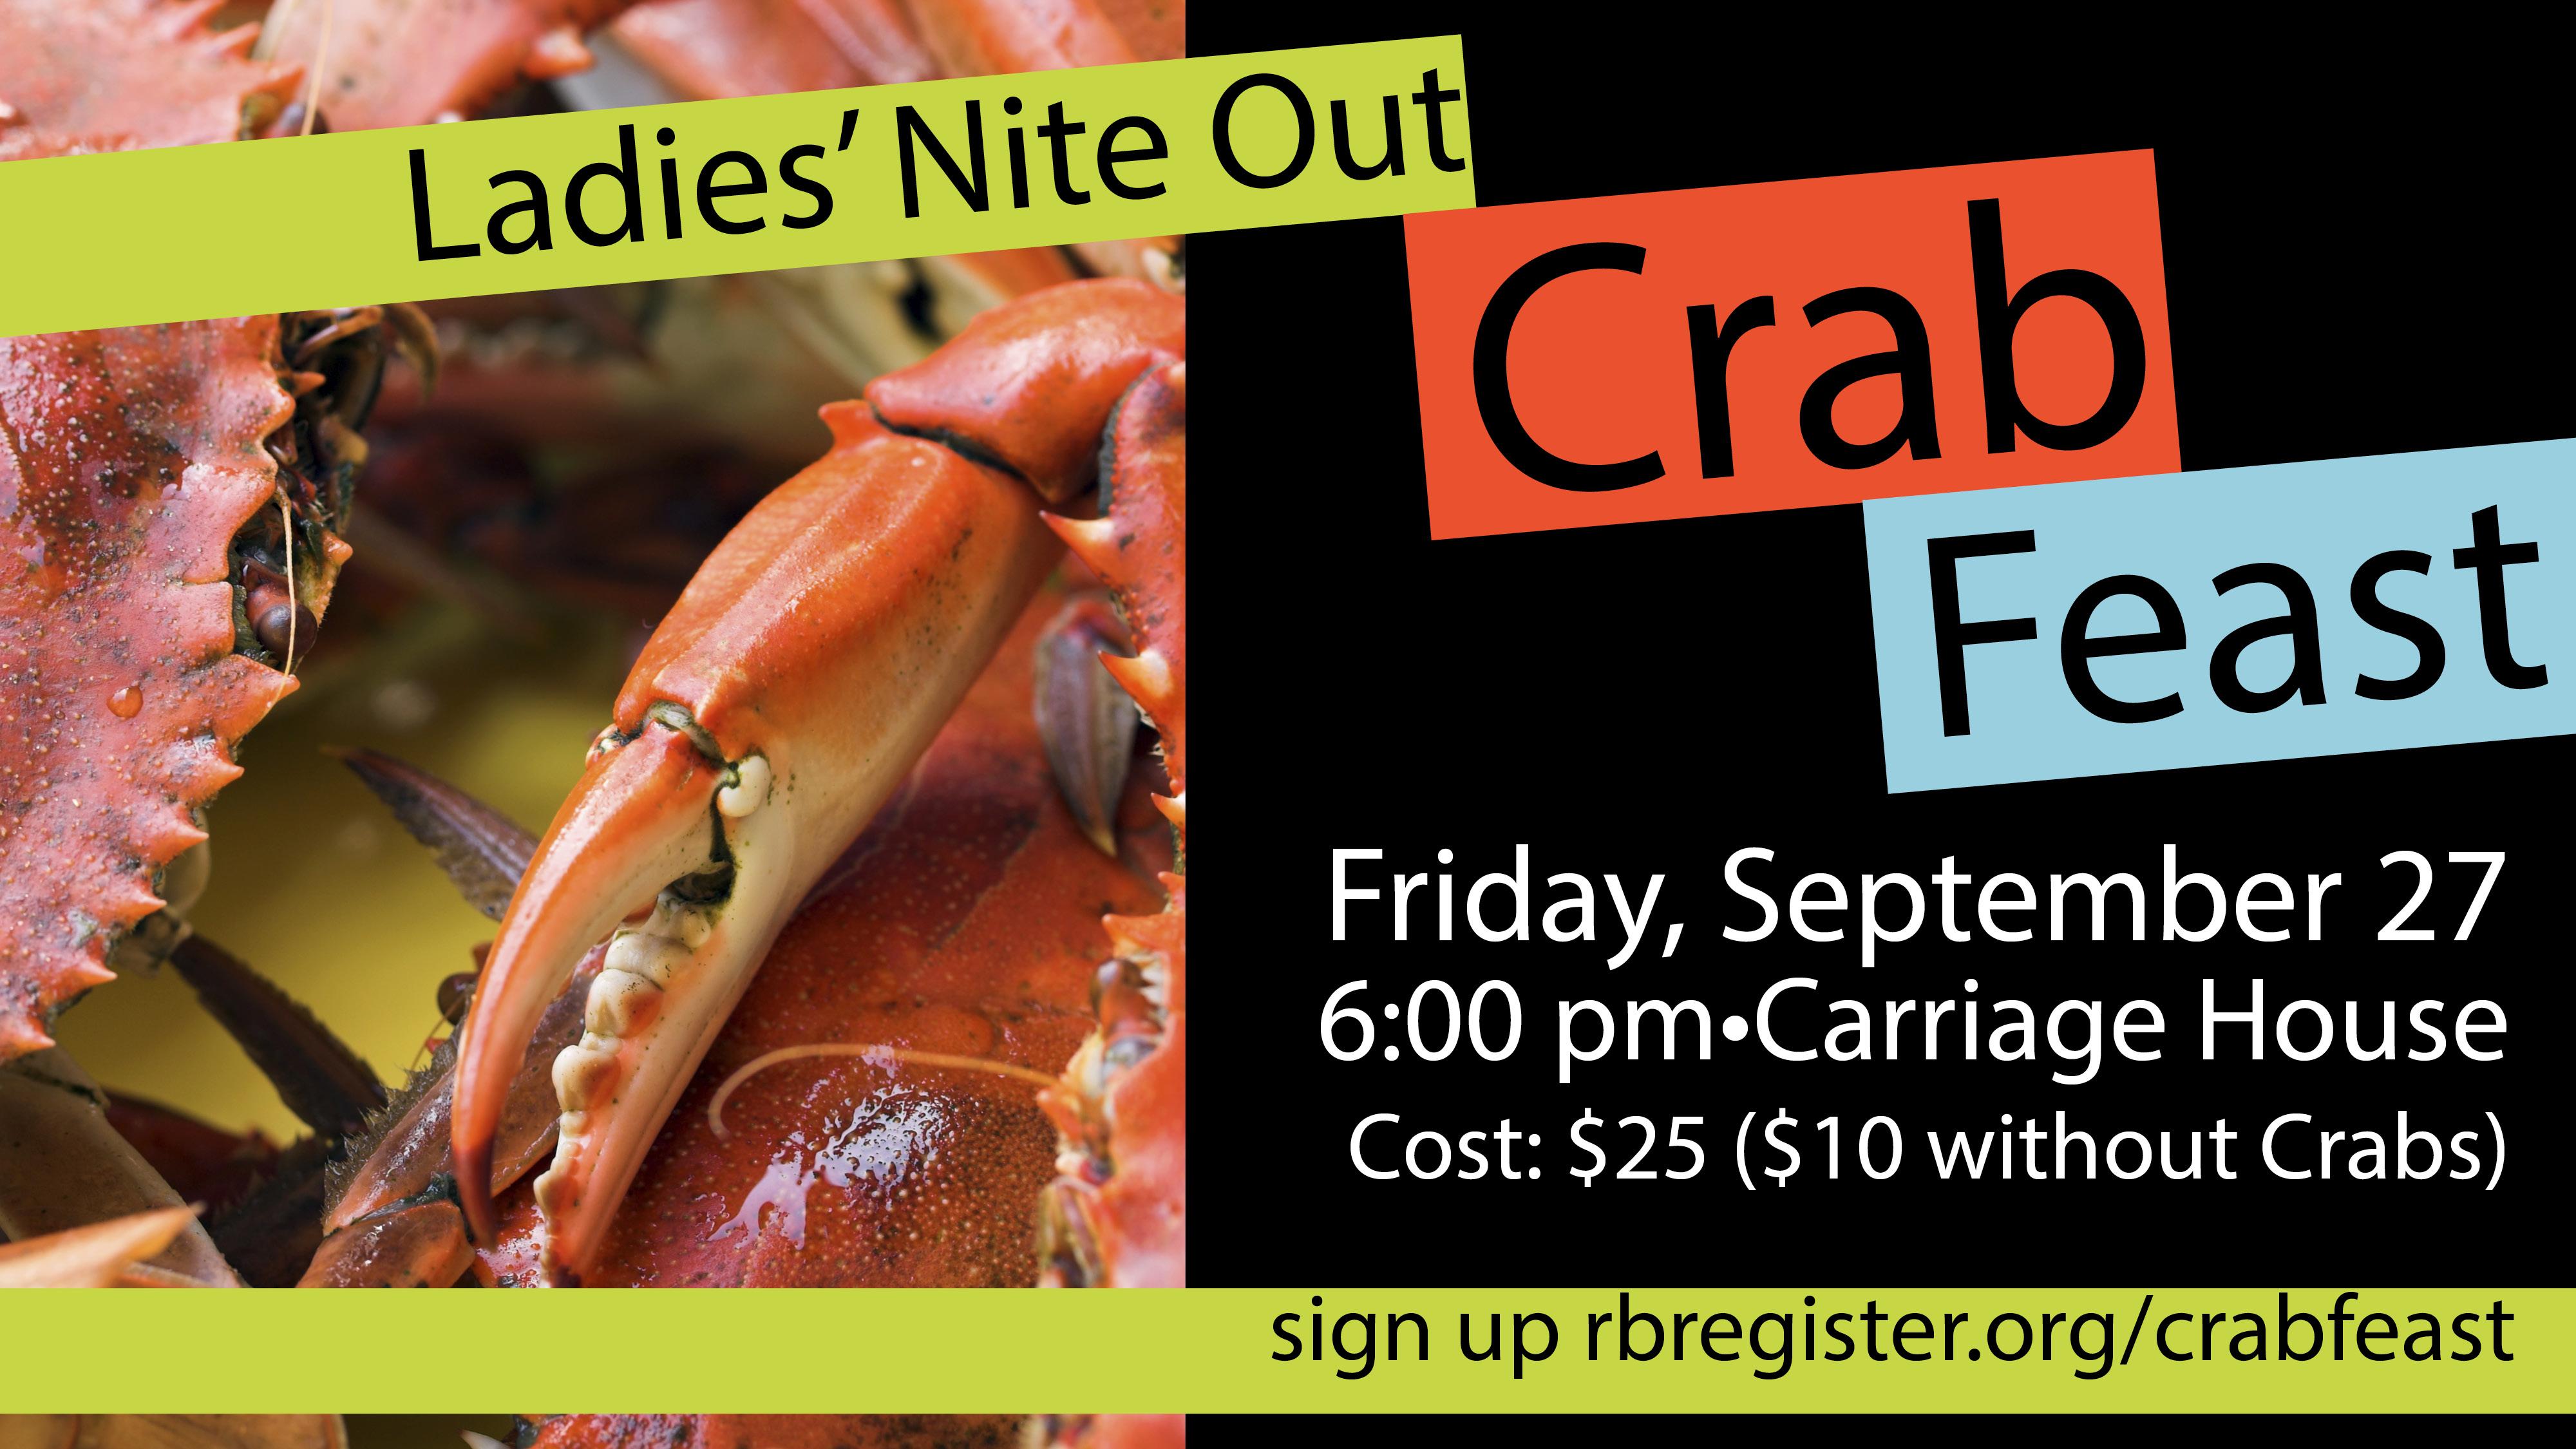 Ladies' Nite Out Crab Feast